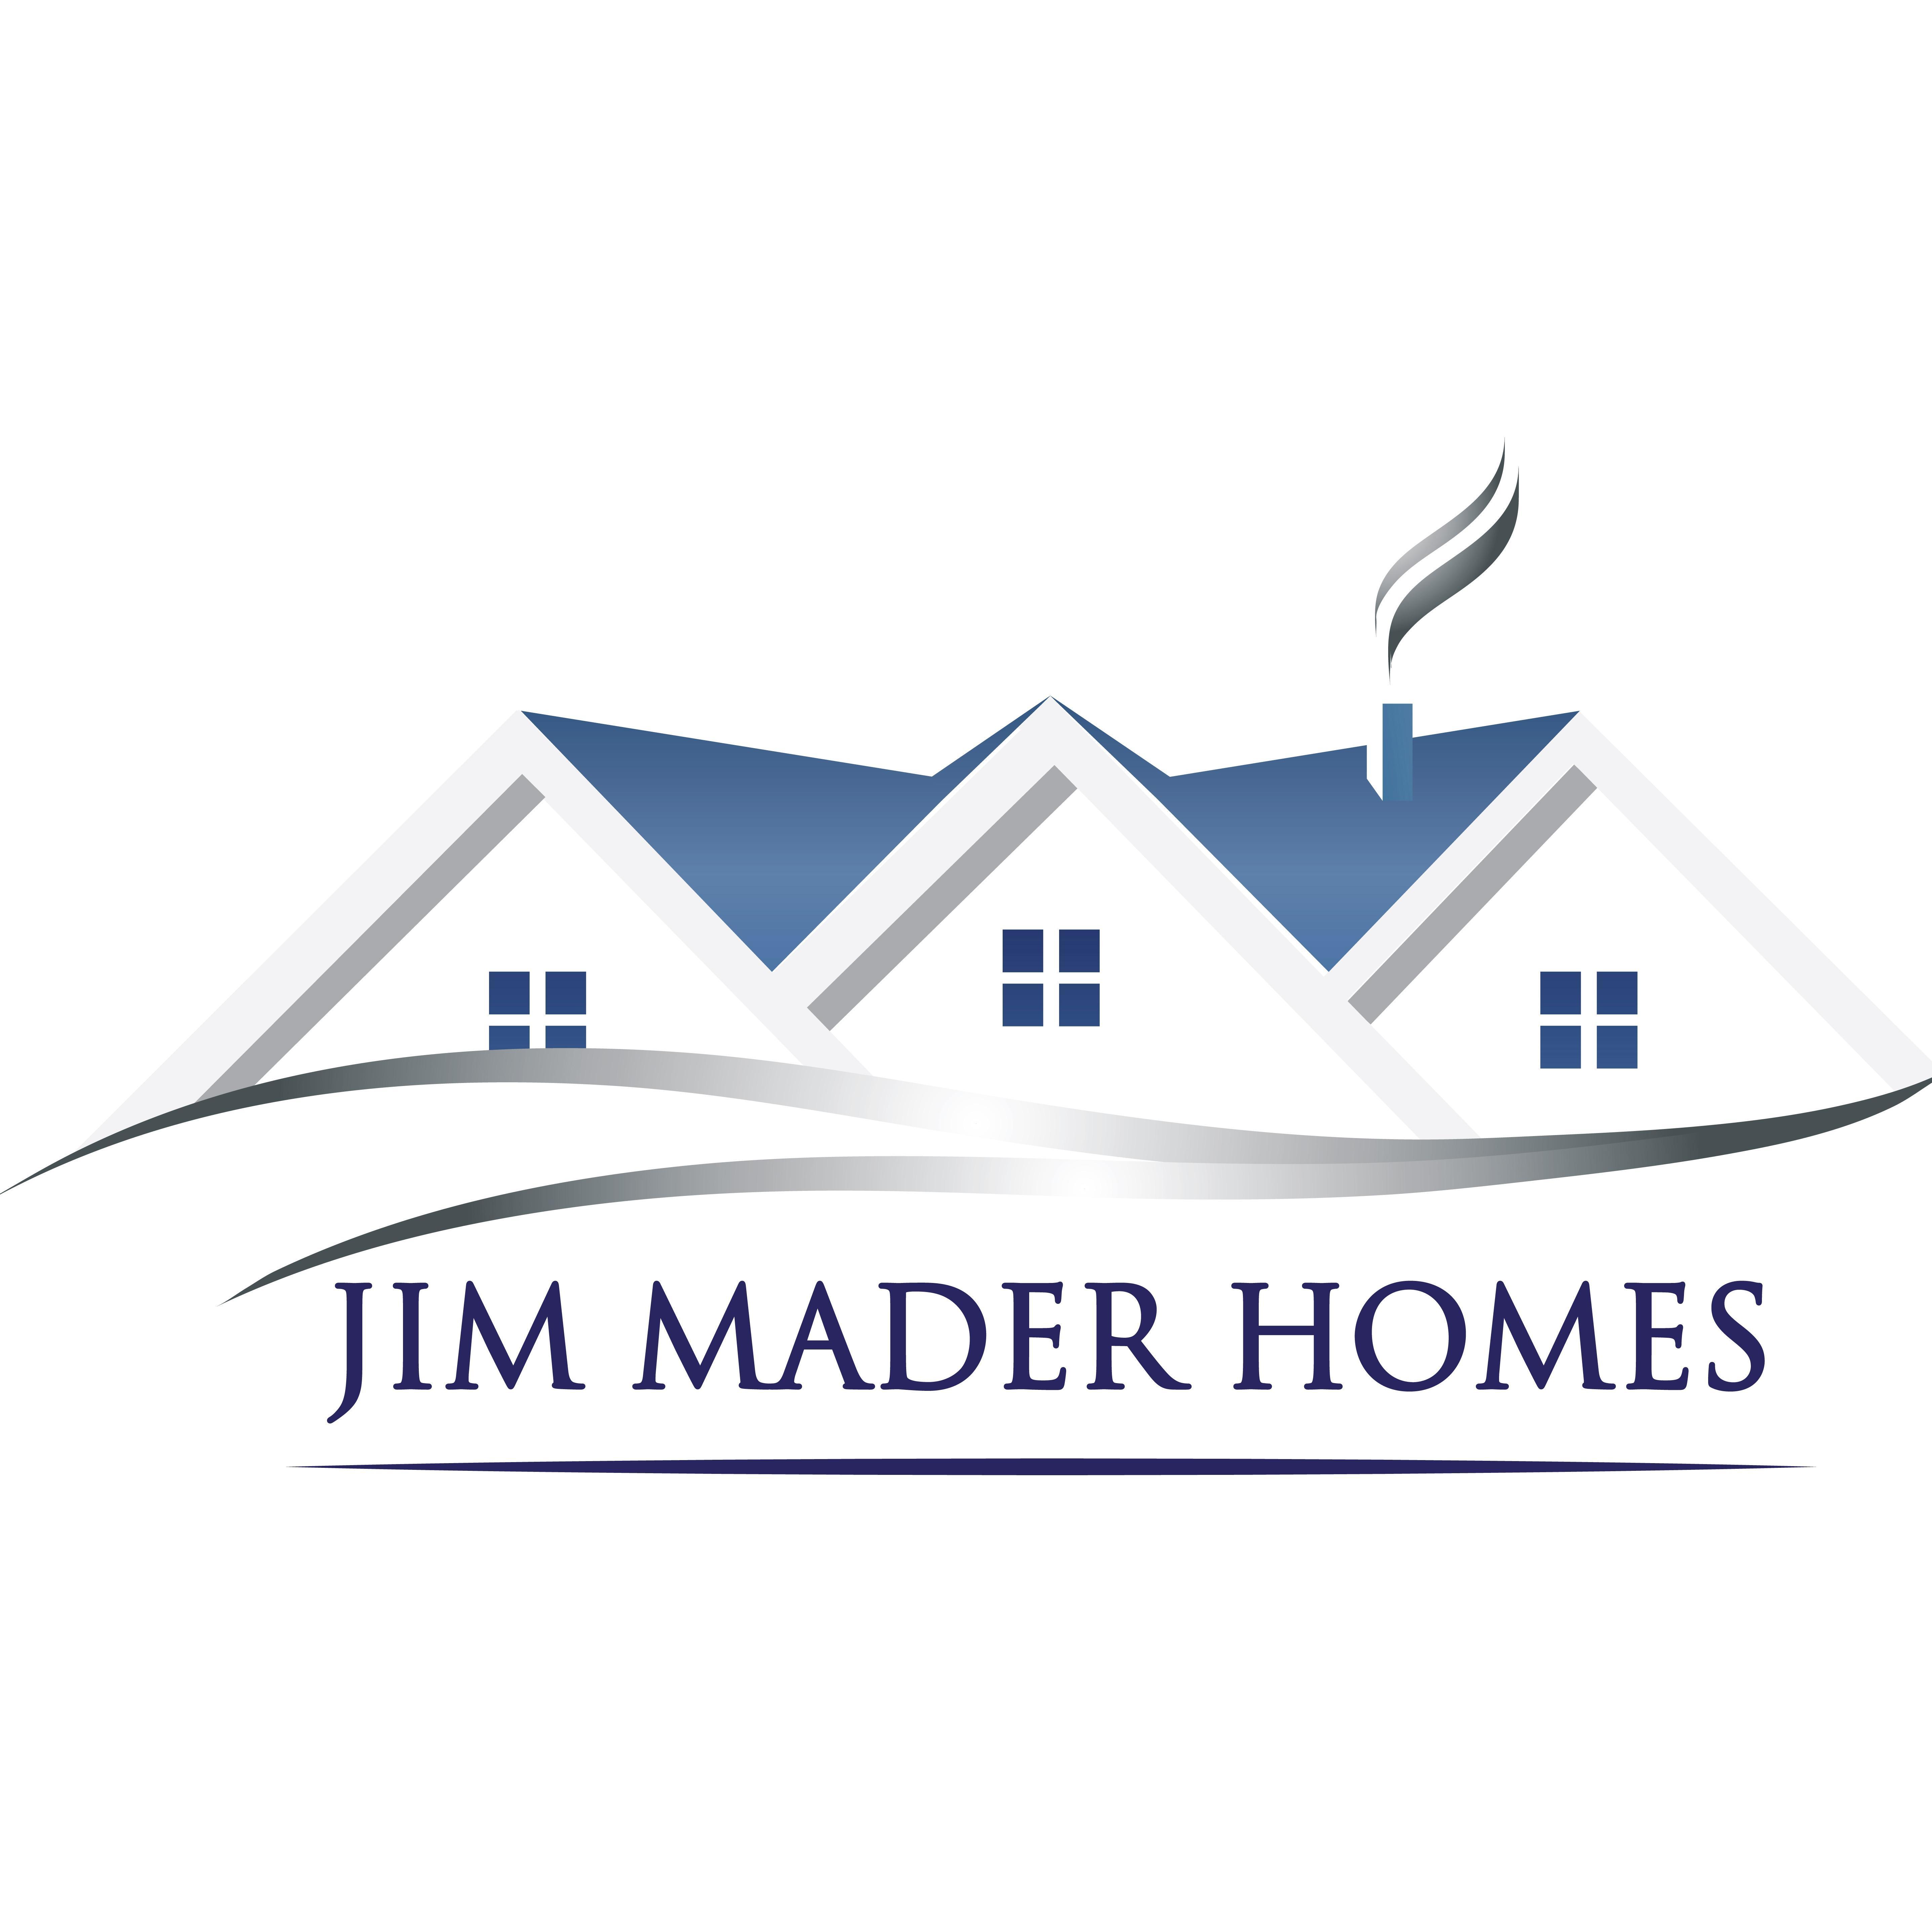 Jim Mader Homes